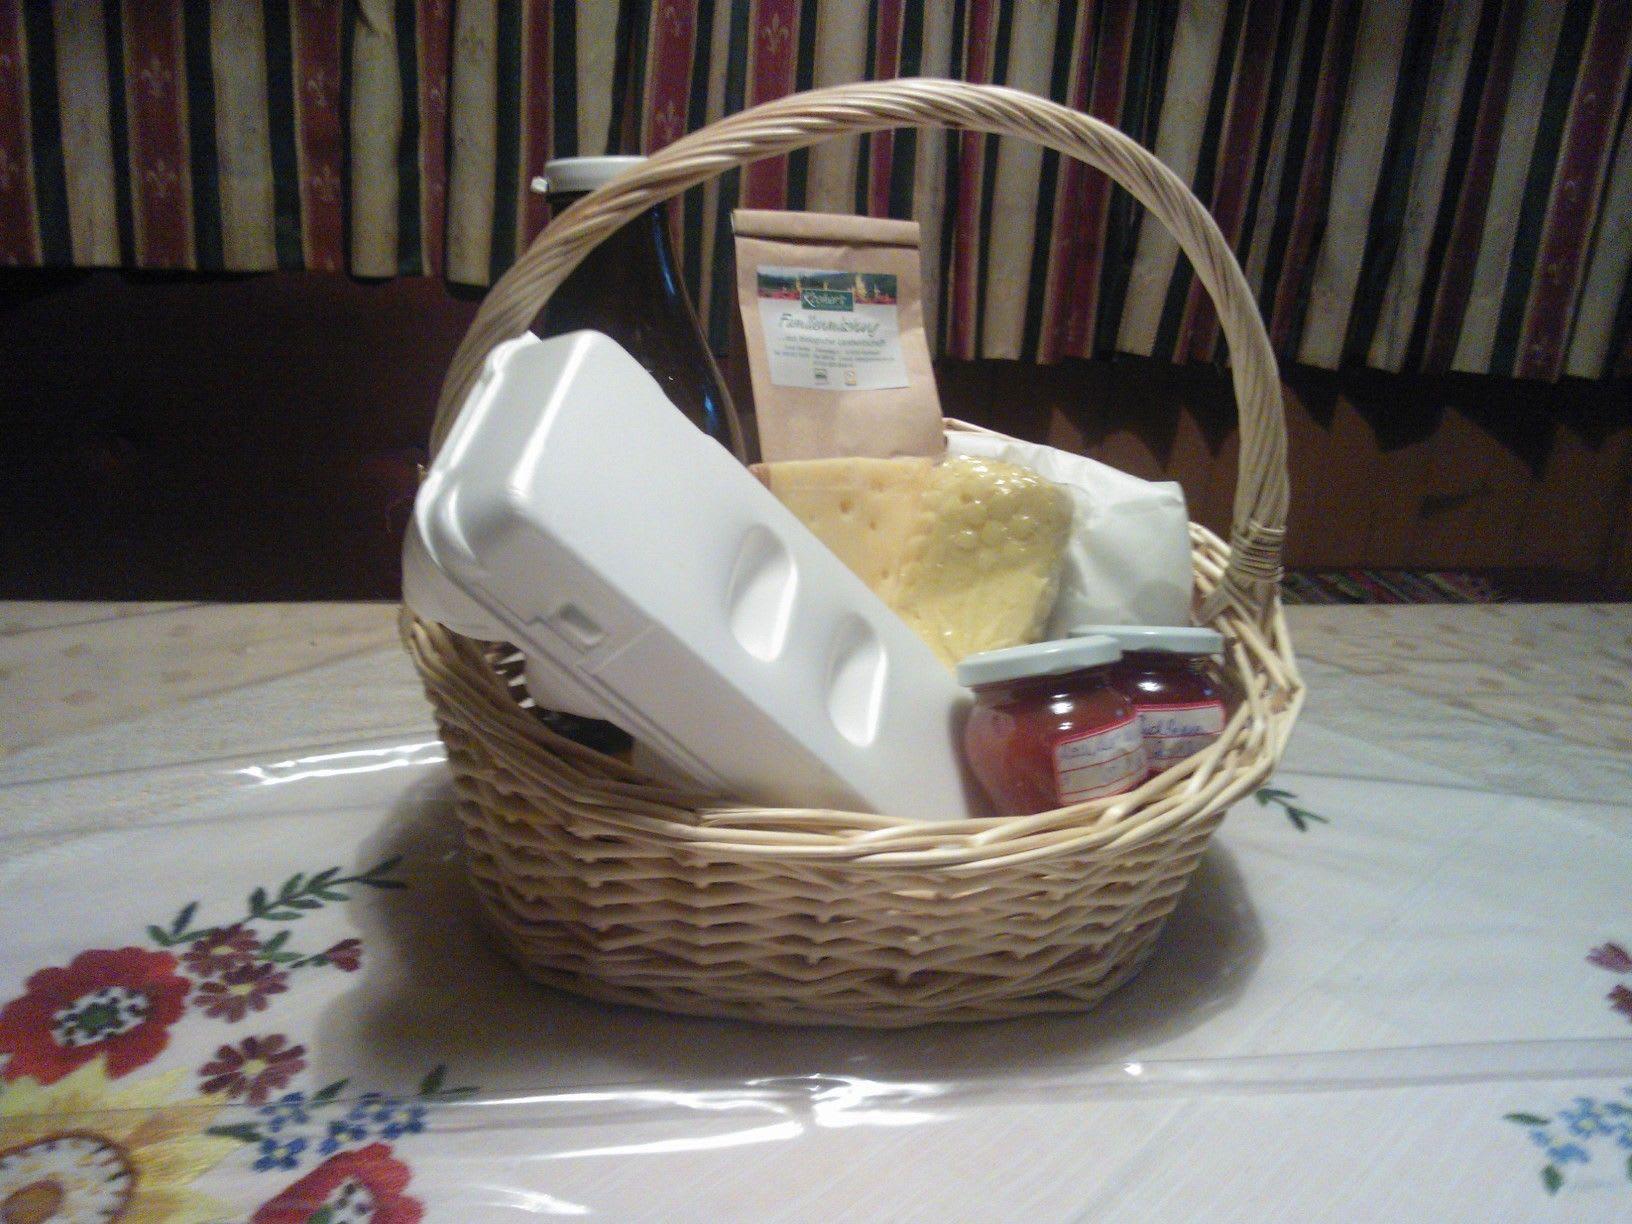 Frühstückskorb gefüllt mit Hofprodukten und Produkten vom Bauernladen - für das Frühstück